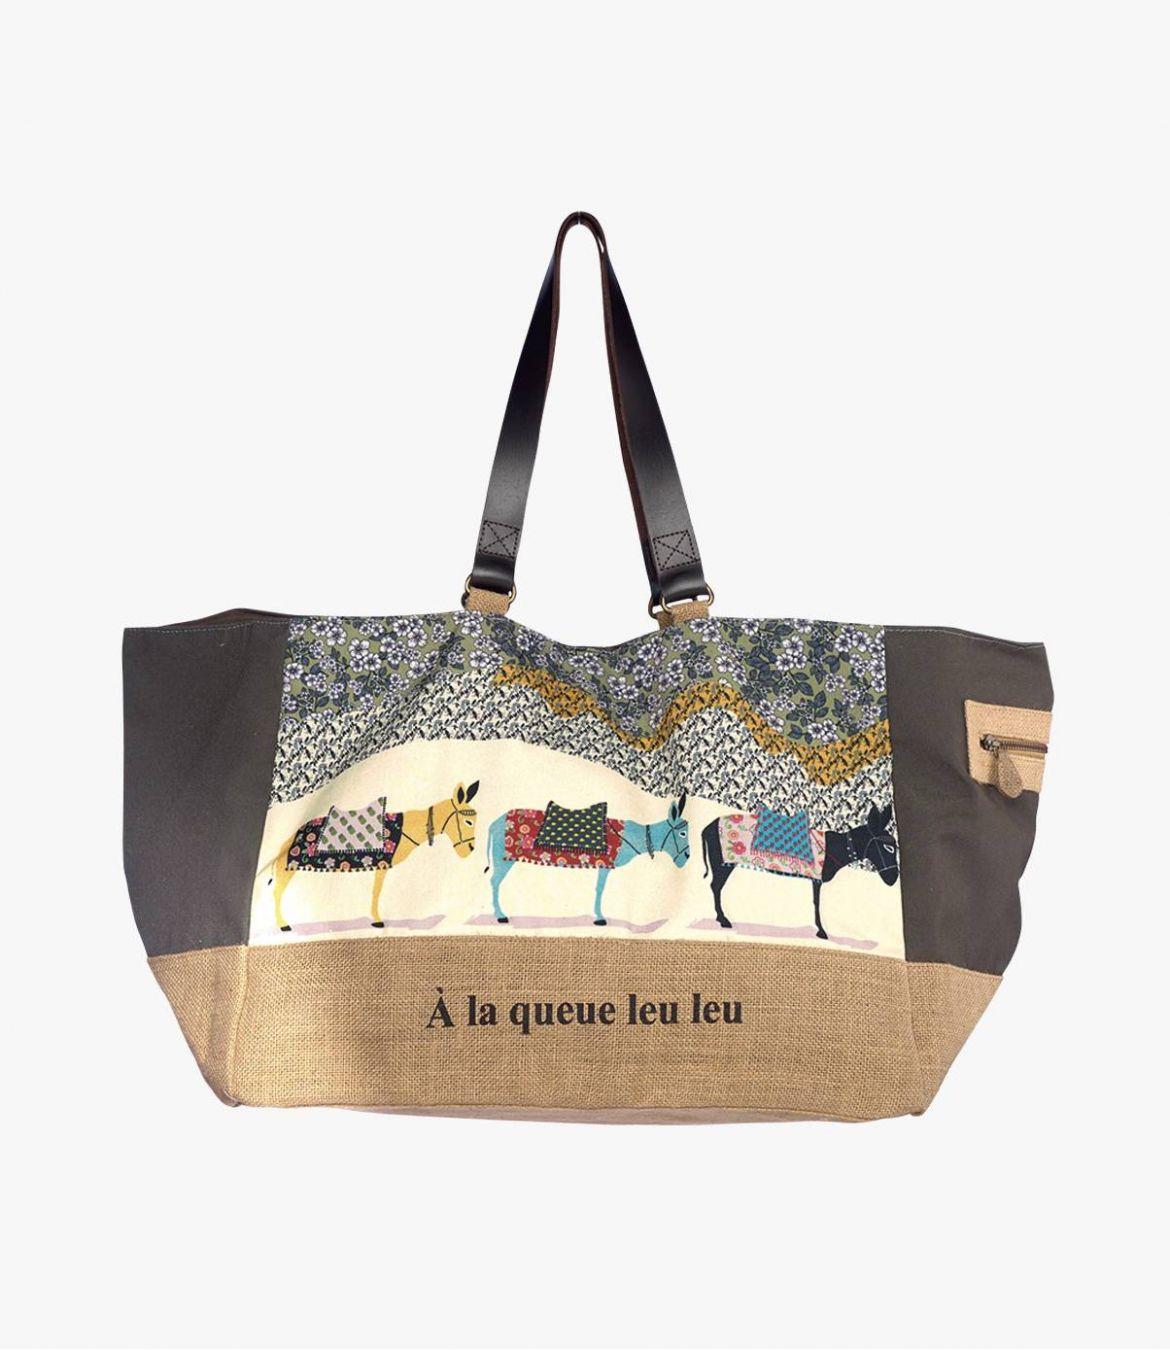 WE PENNY Sac en Jute, Polyester, Coton, Cuir pour Femme 45 x 30 x 35 cm Storiatipic - 1